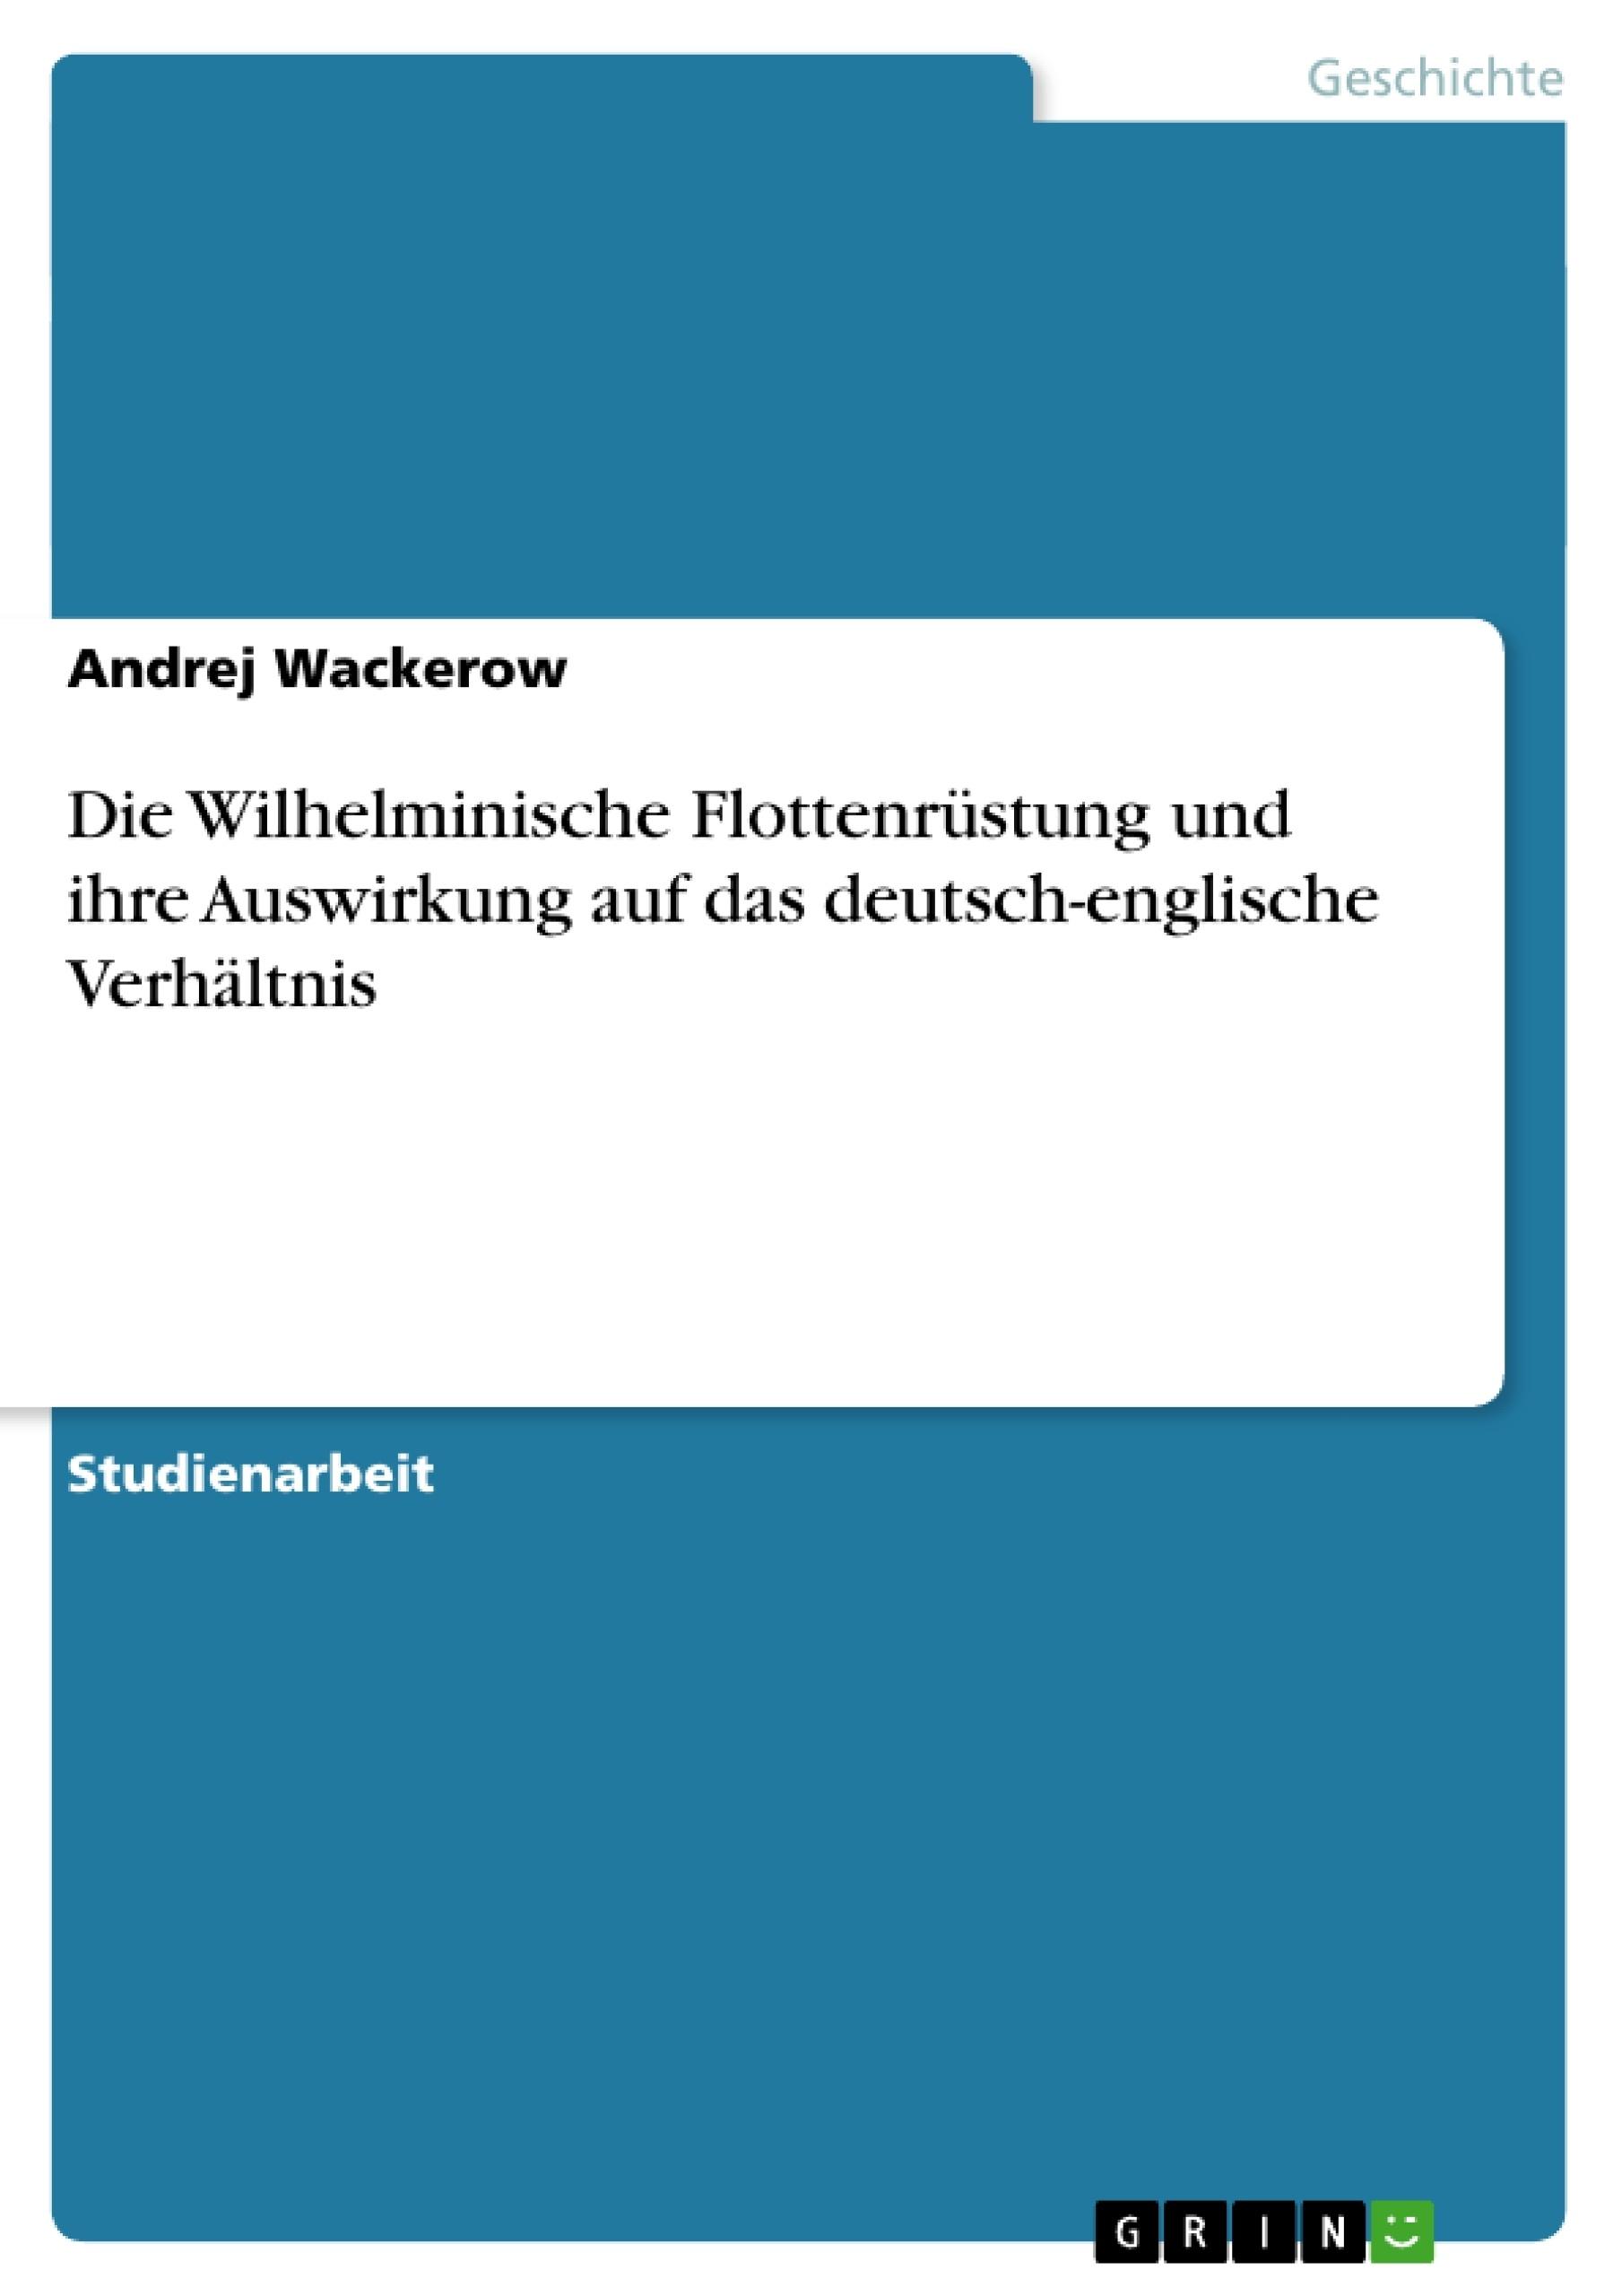 Titel: Die Wilhelminische Flottenrüstung und ihre Auswirkung auf das deutsch-englische Verhältnis